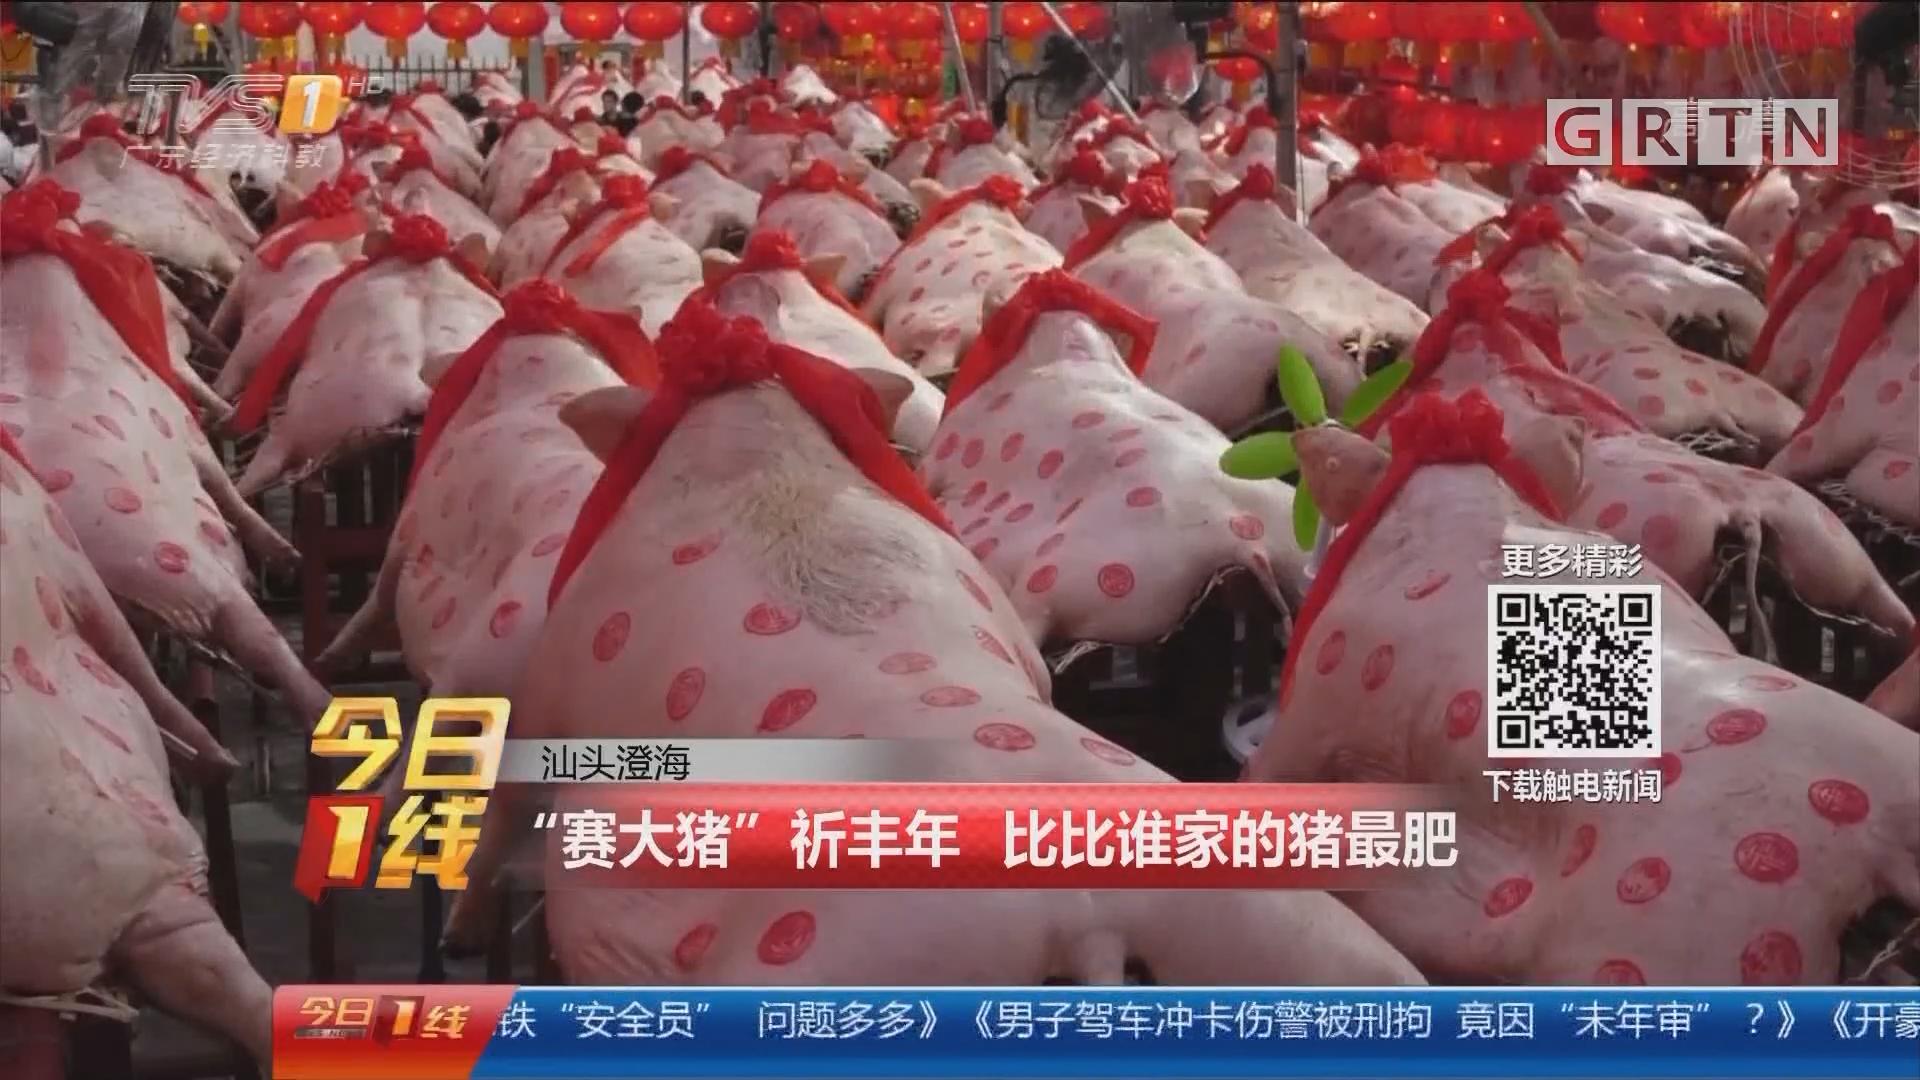 """汕头澄海:""""赛大猪""""祈丰年 比比谁家的猪最肥"""